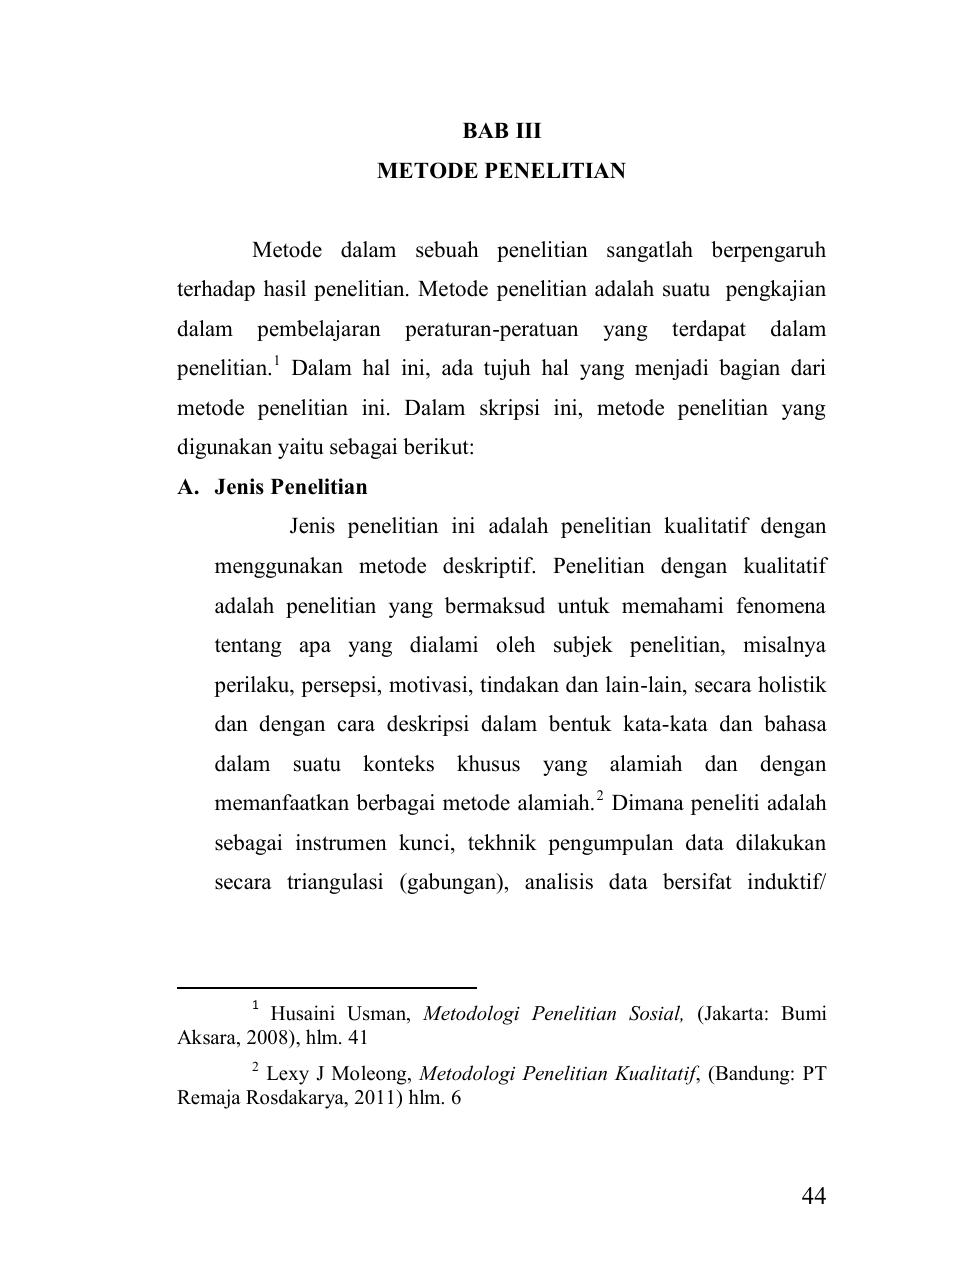 Bab Iii Metode Penelitian Metode Dalam Sebuah Penelitian